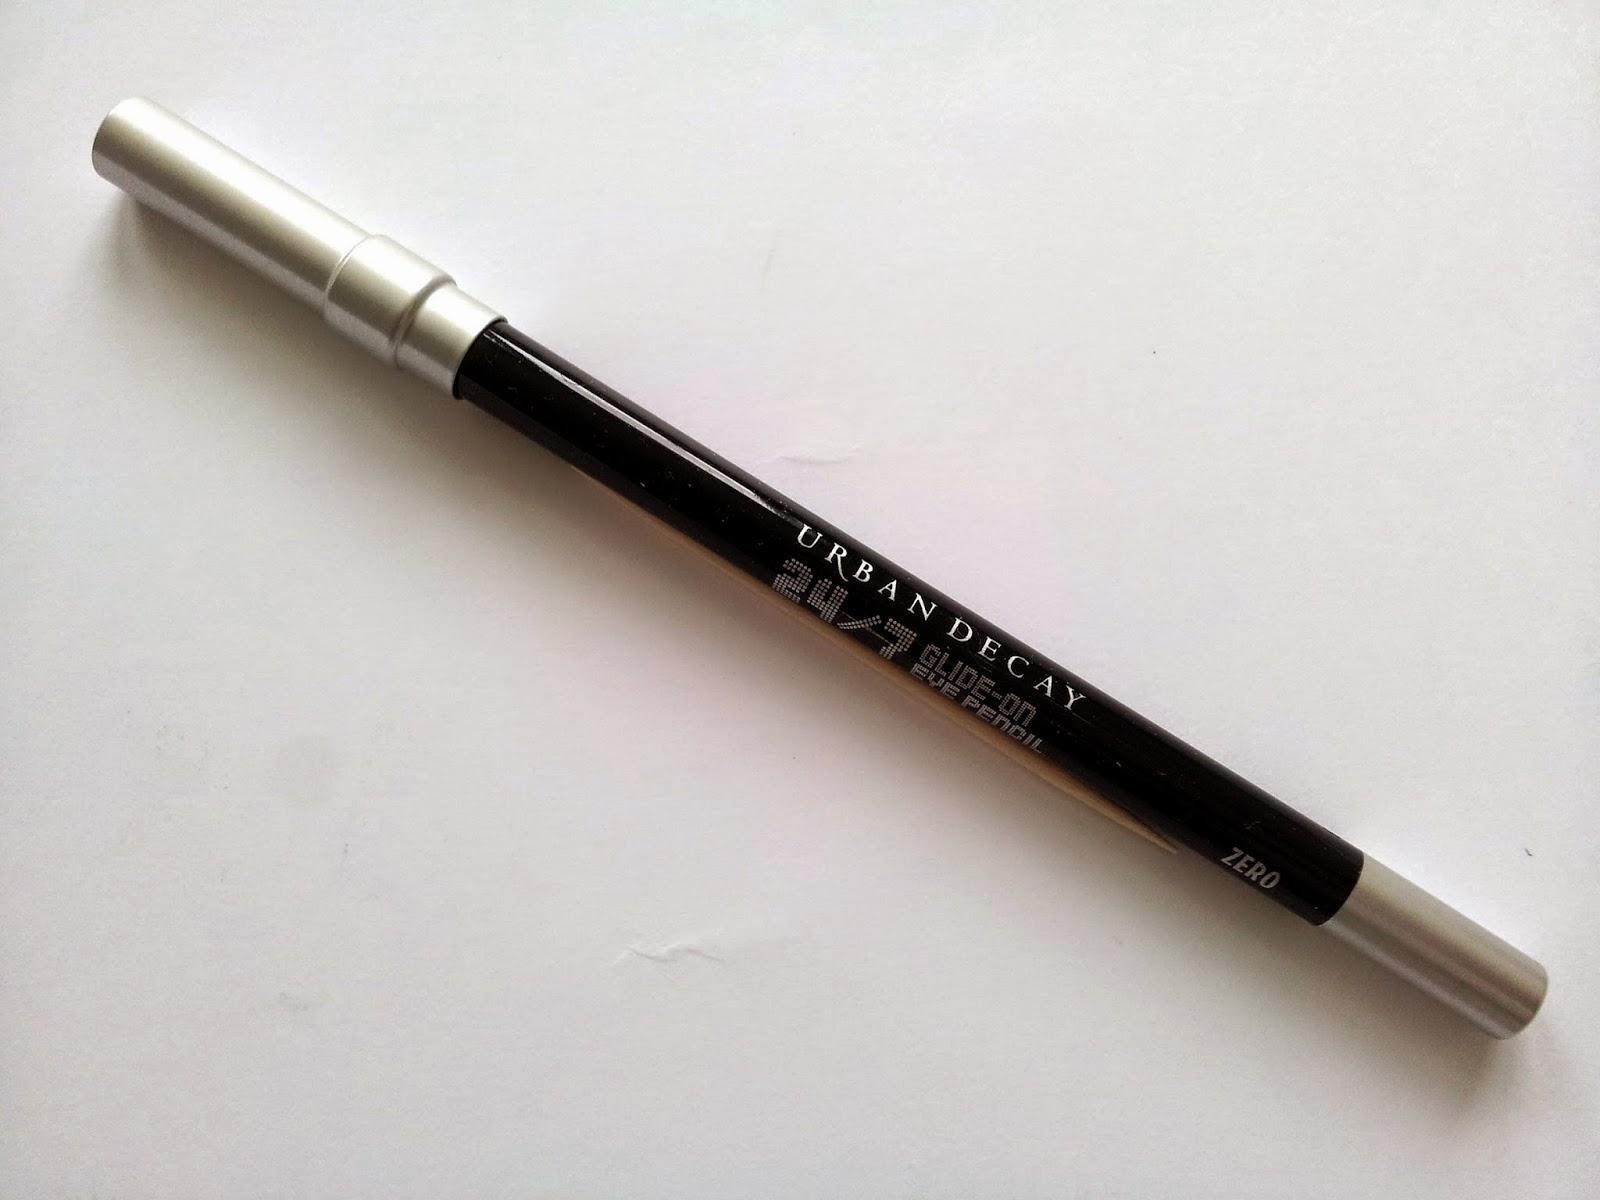 crayon-noir-urban-decay-24-7-miss-beaute-addict-blogspot.fr